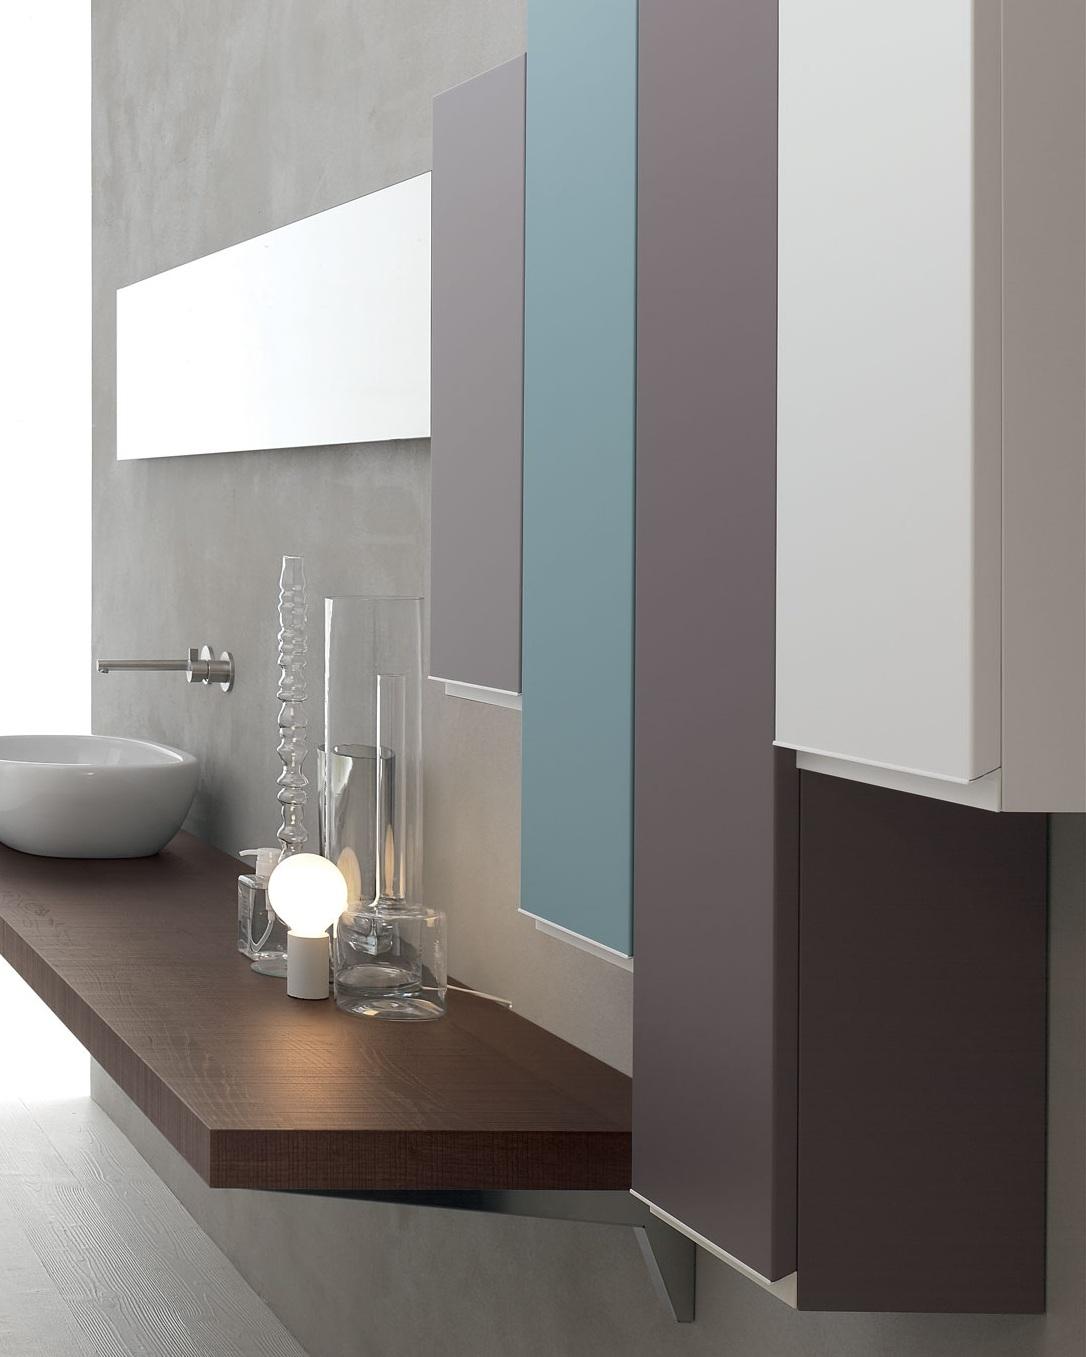 Pensili - L'uso dei pensili dà all'ambiente una piena vivibilità. Le pareti si colorano, entrano nel gioco dell'arredo e diventano funzionali.